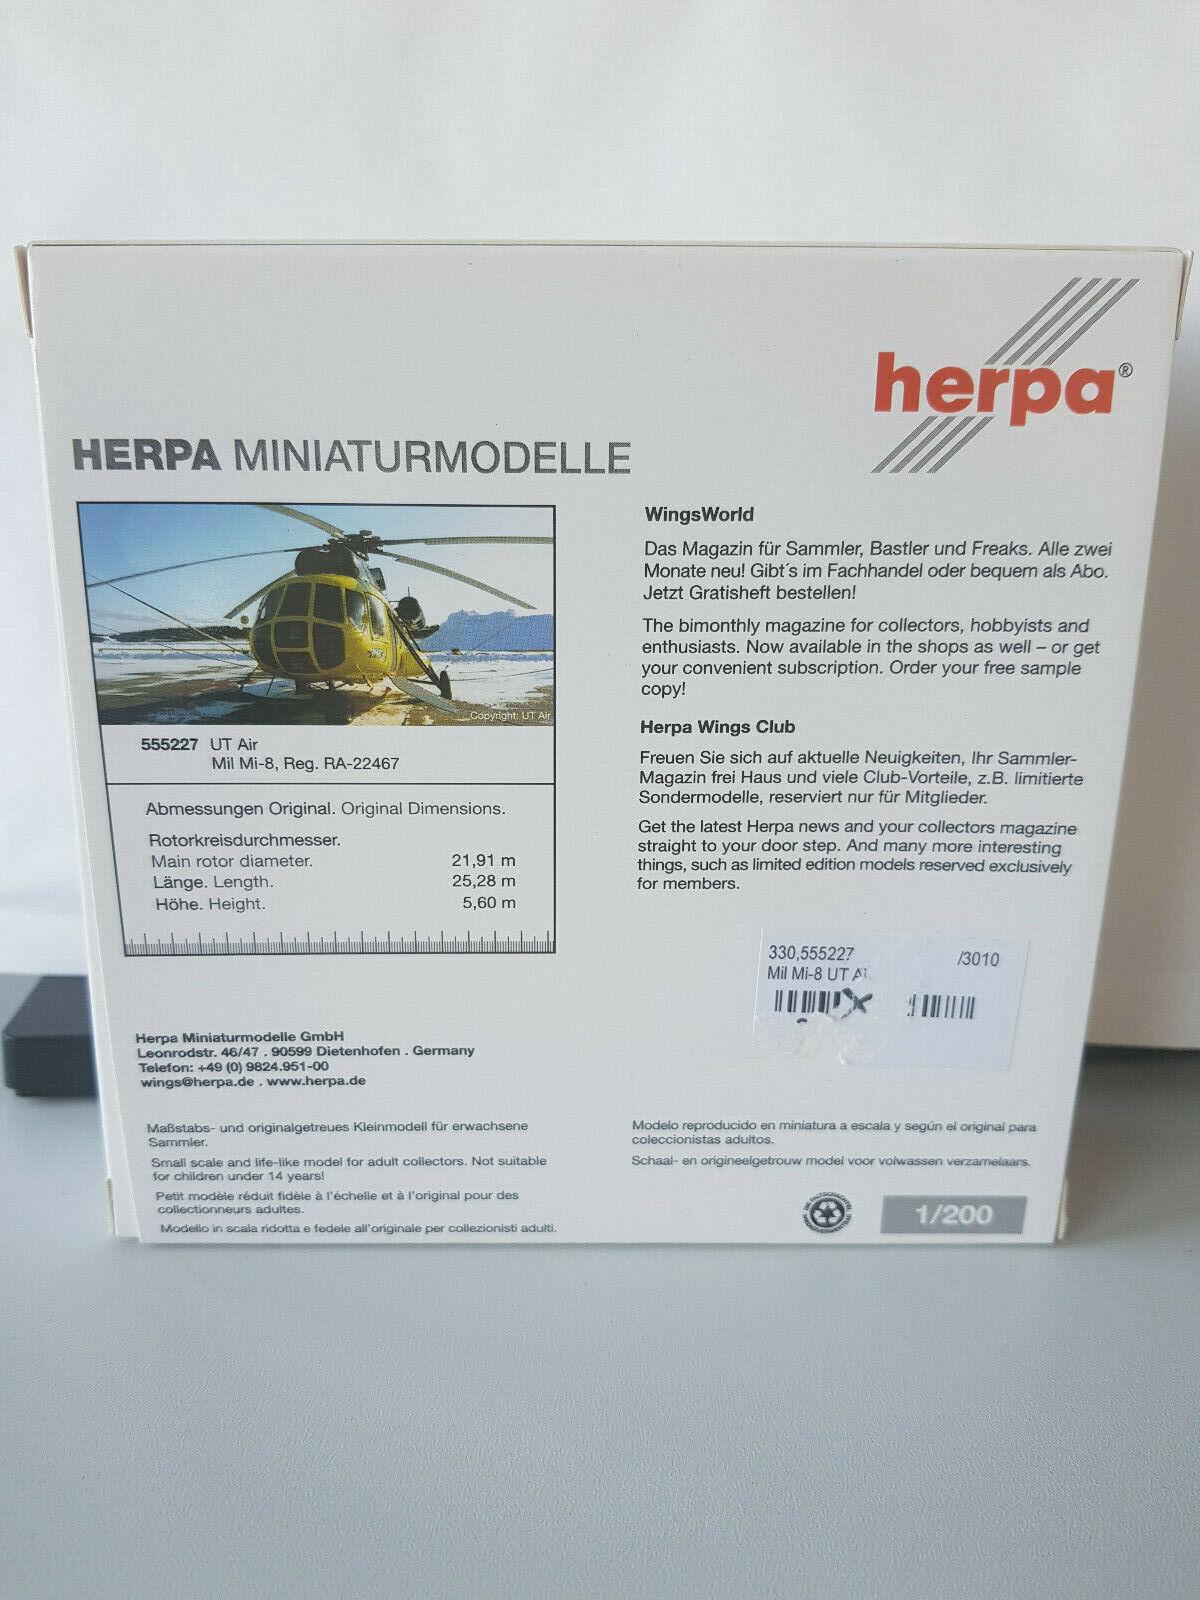 1 200 Herpa Herpa Herpa Wings 555227 UT Air Mil Mi-8 Reg. RA-22467 NEU & RAR    Um Eine Hohe Bewunderung Gewinnen Und Ist Weit Verbreitet Trusted In-und   8c2793